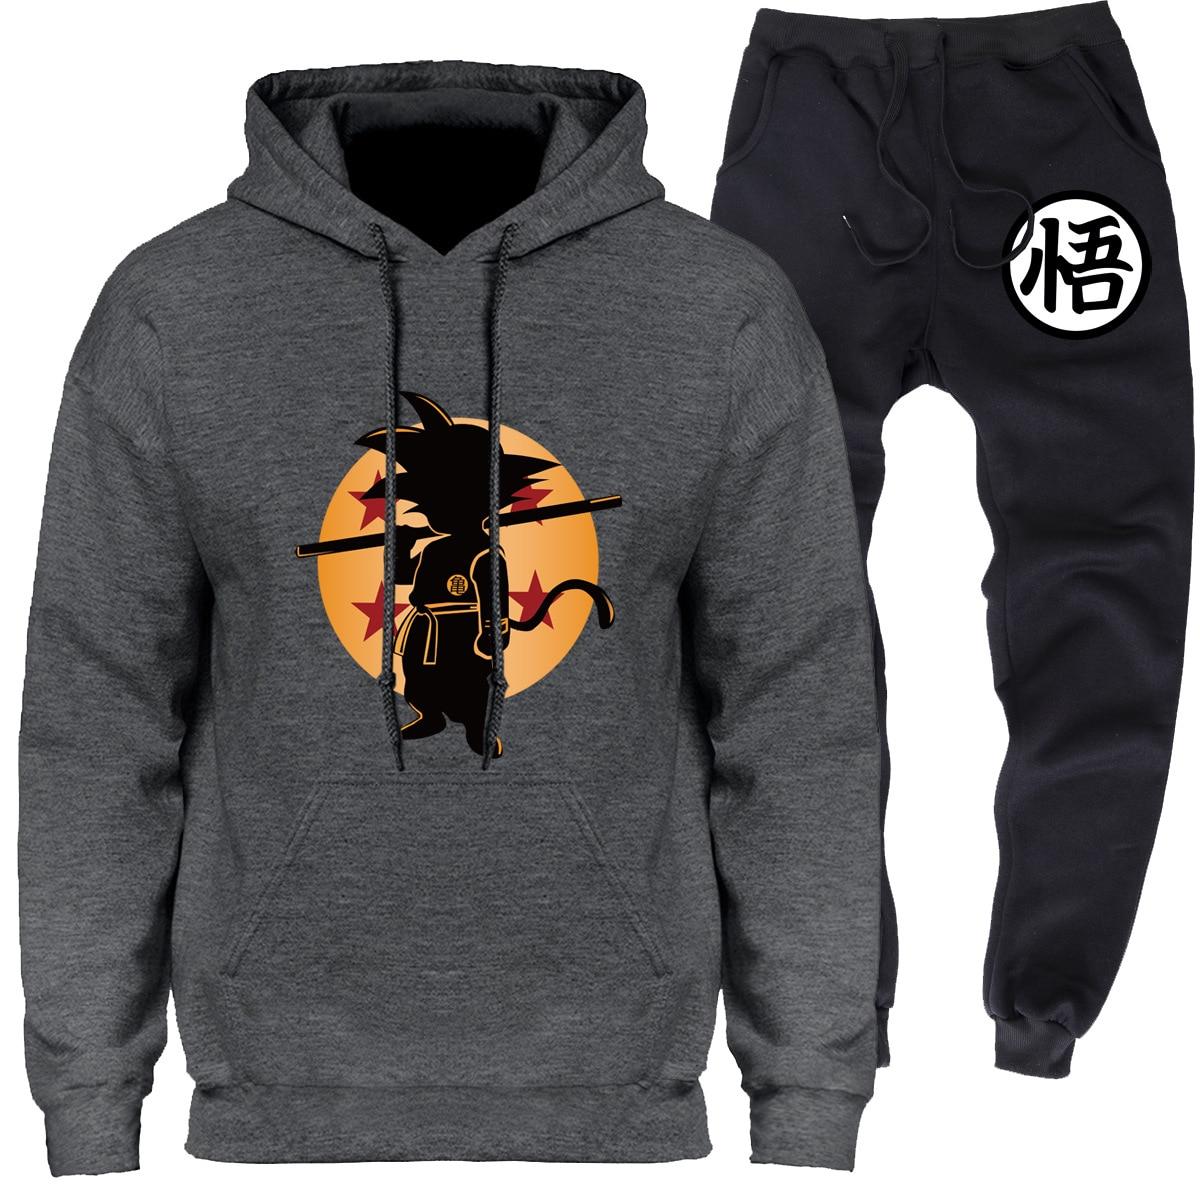 Saiyan People Hoodie Goku Dragon Ball Japanese-style Running Sports Clothing Set Hot Selling Men'S Wear